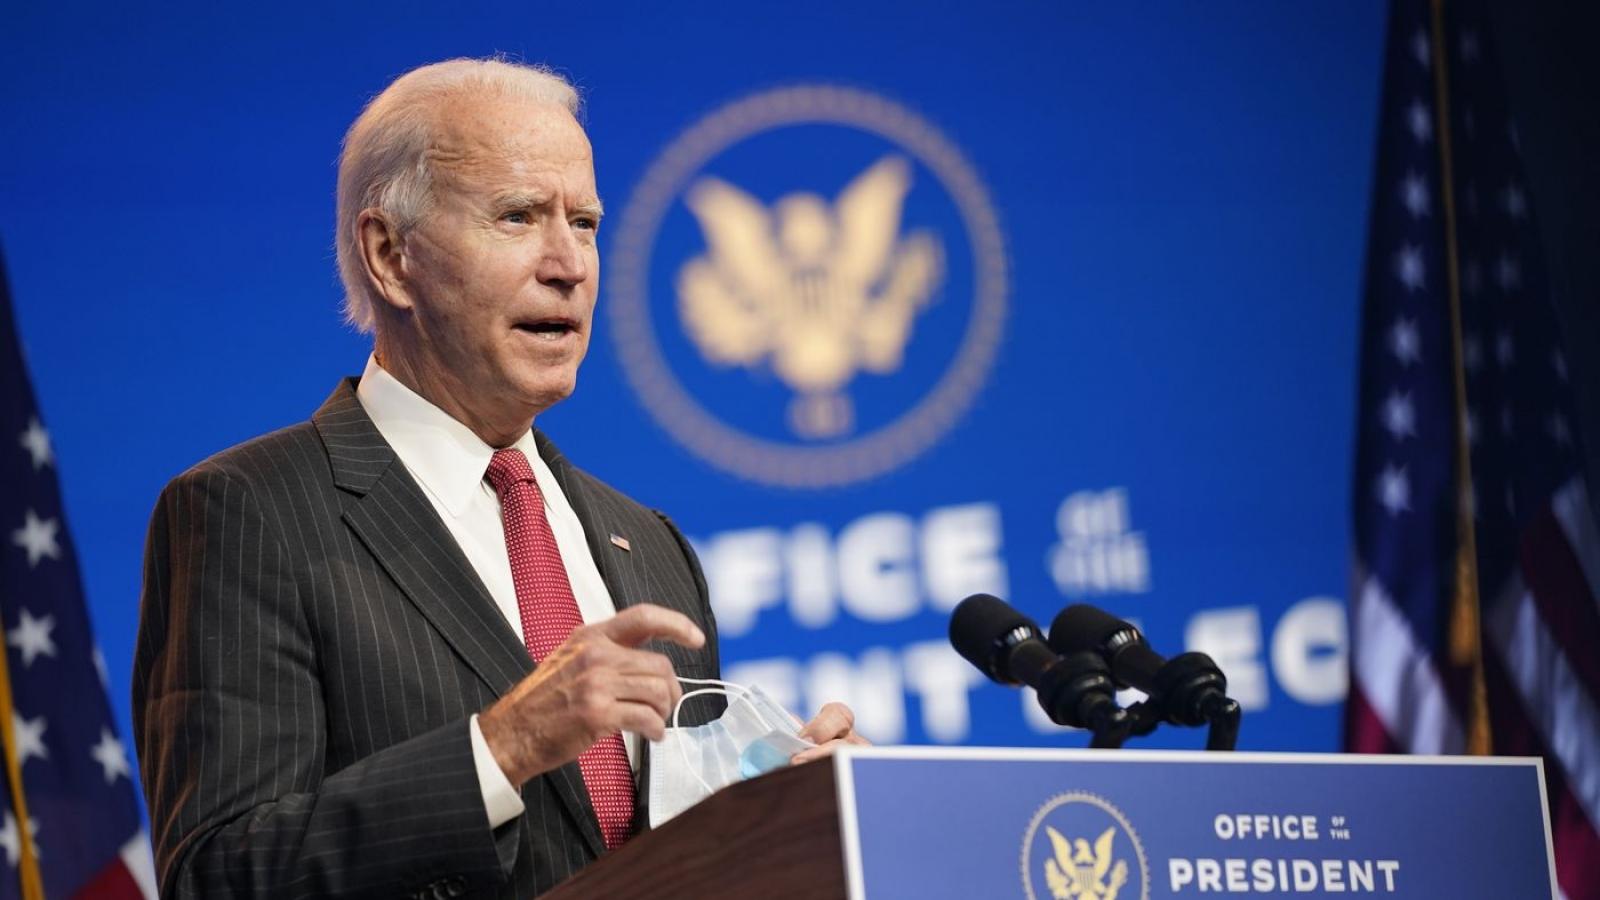 Mỹ mời đại diện của Nga dự lễ nhậm chức tổng thống của ông Joe Biden